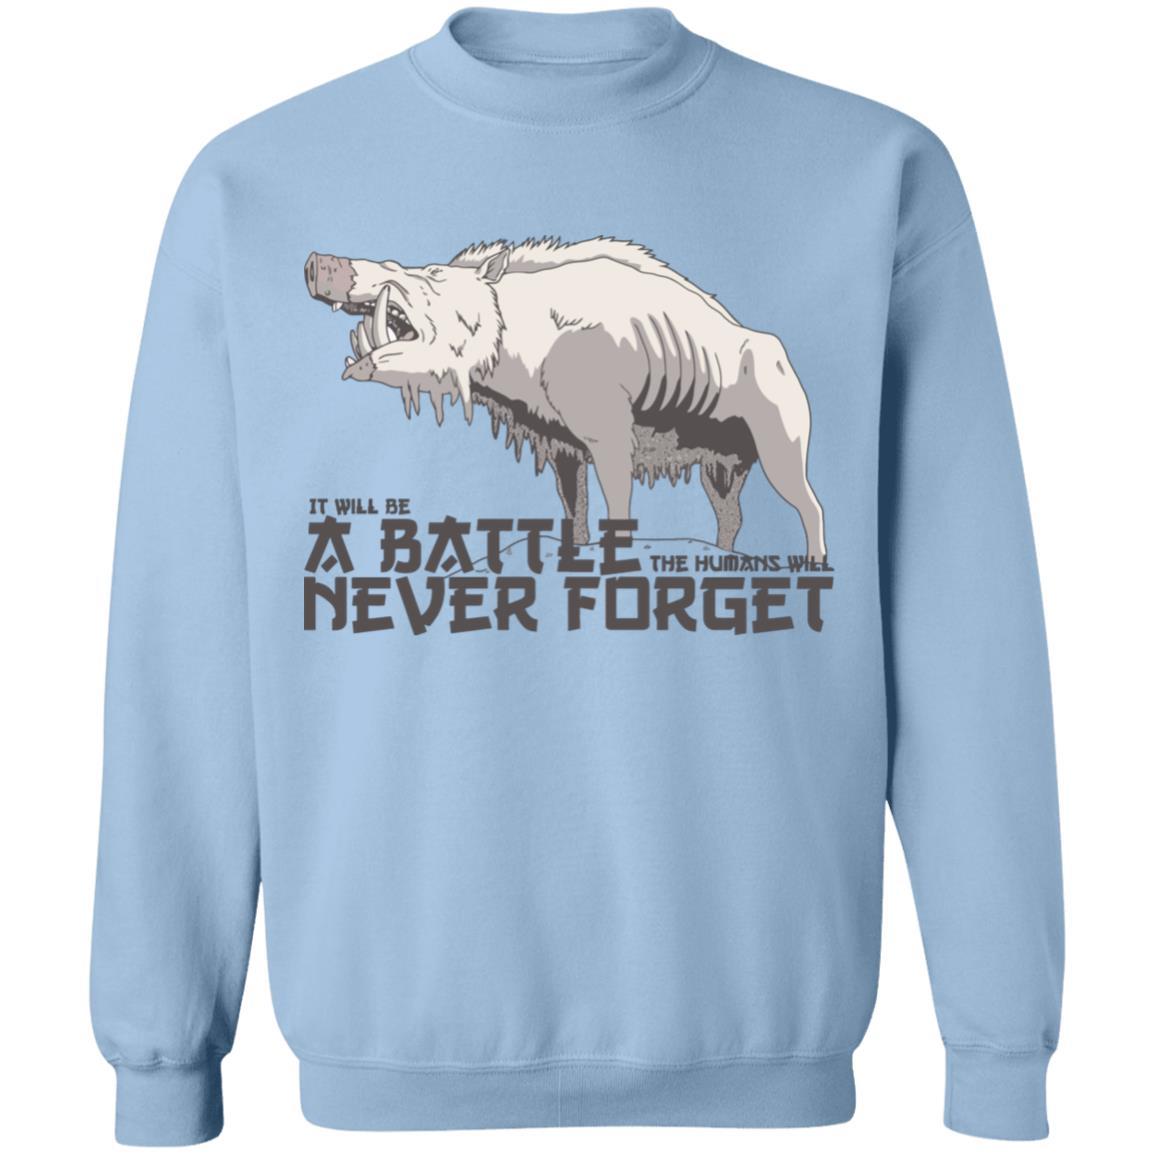 Princess Mononoke – A Battle Never Forget Sweatshirt